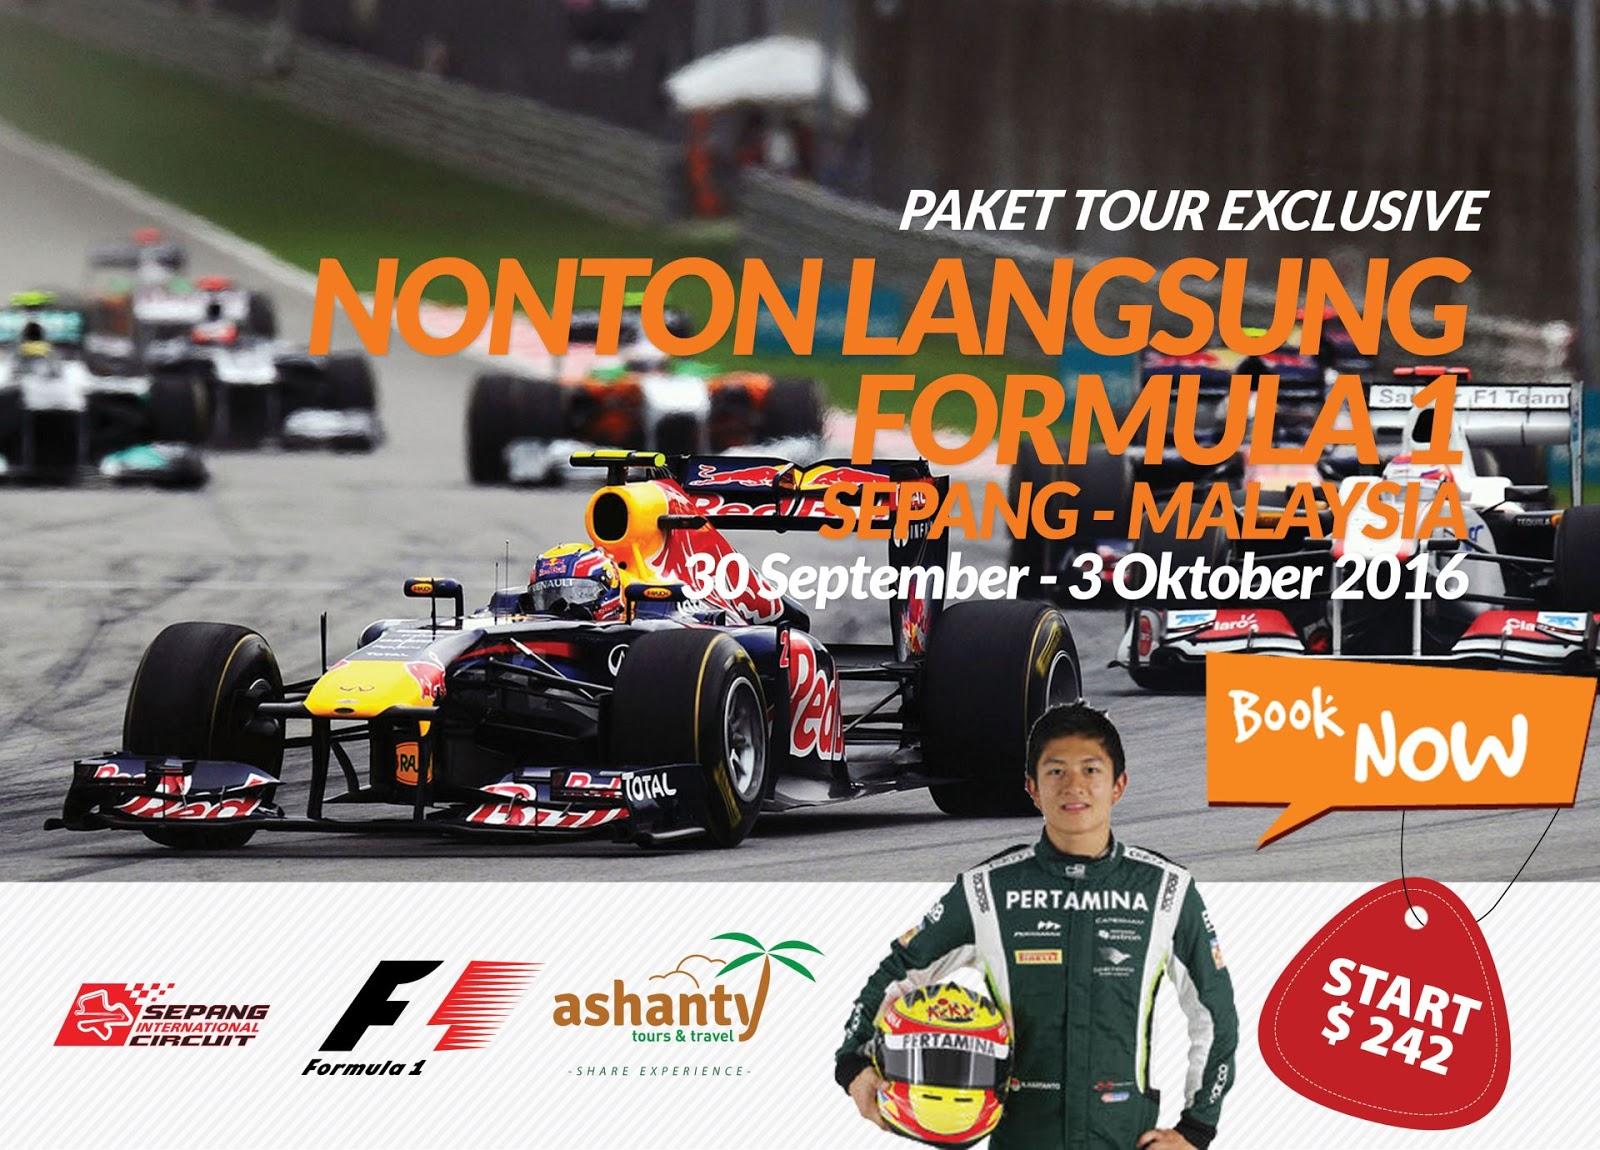 Paket Tour Nonton F1 Sepang (Malaysia) 2016 + Kualalumpur